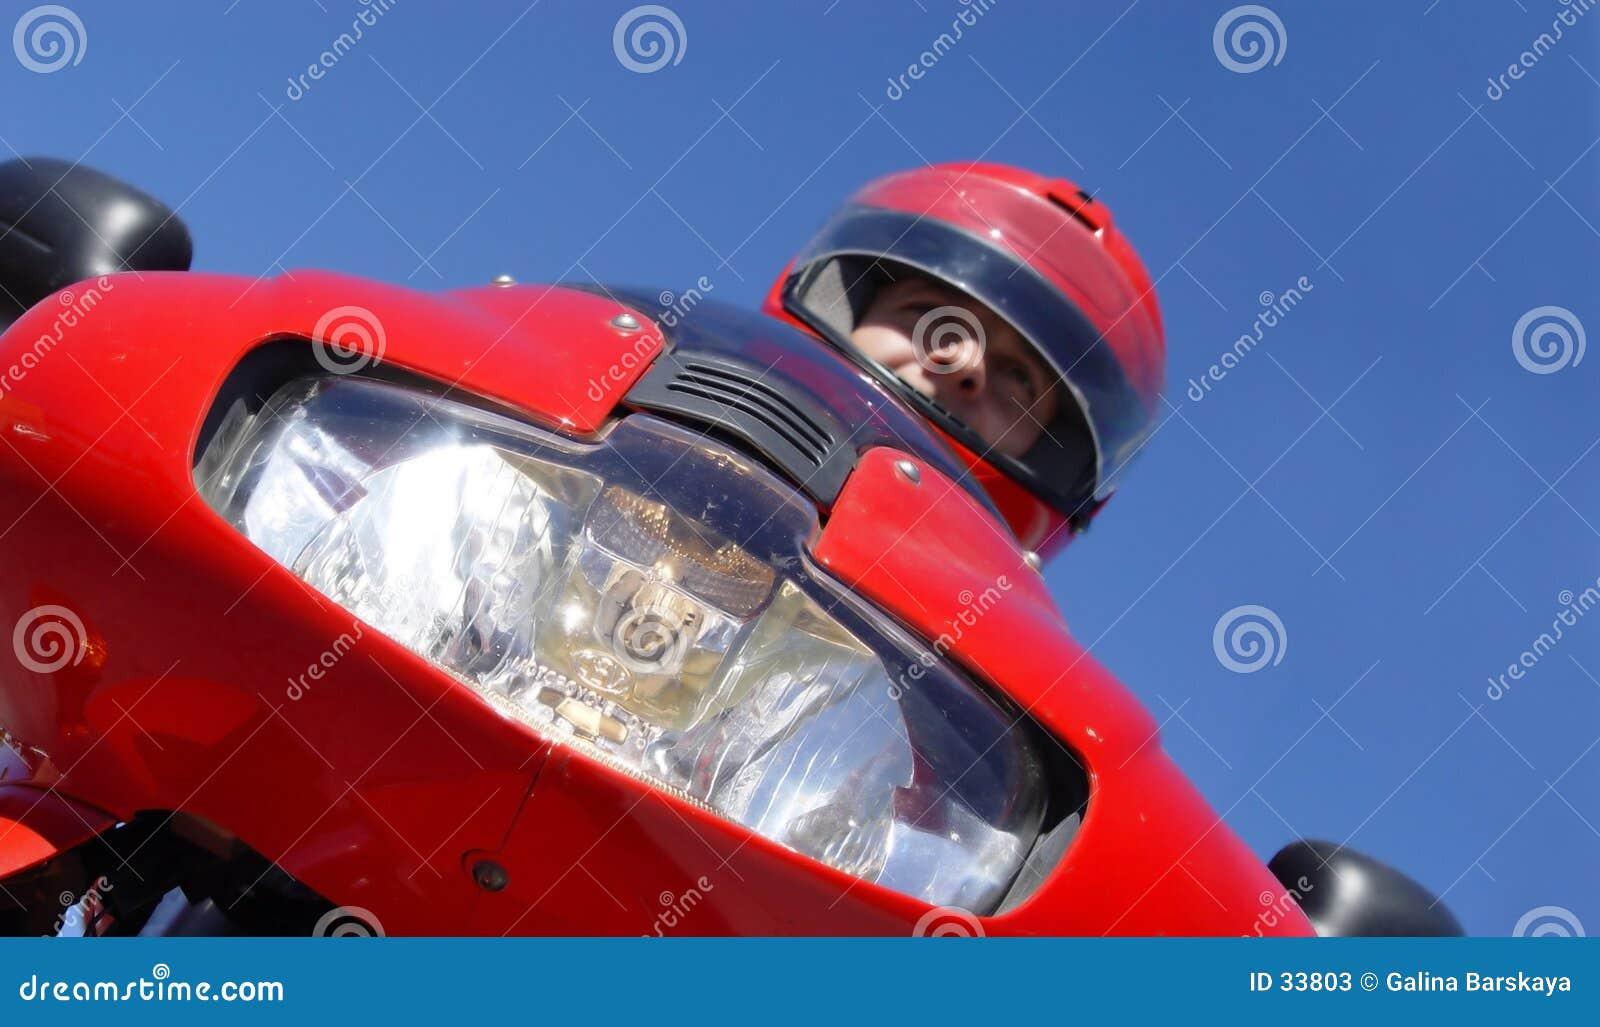 Download Radfahrer stockbild. Bild von junge, blau, outdoor, fahrer - 33803